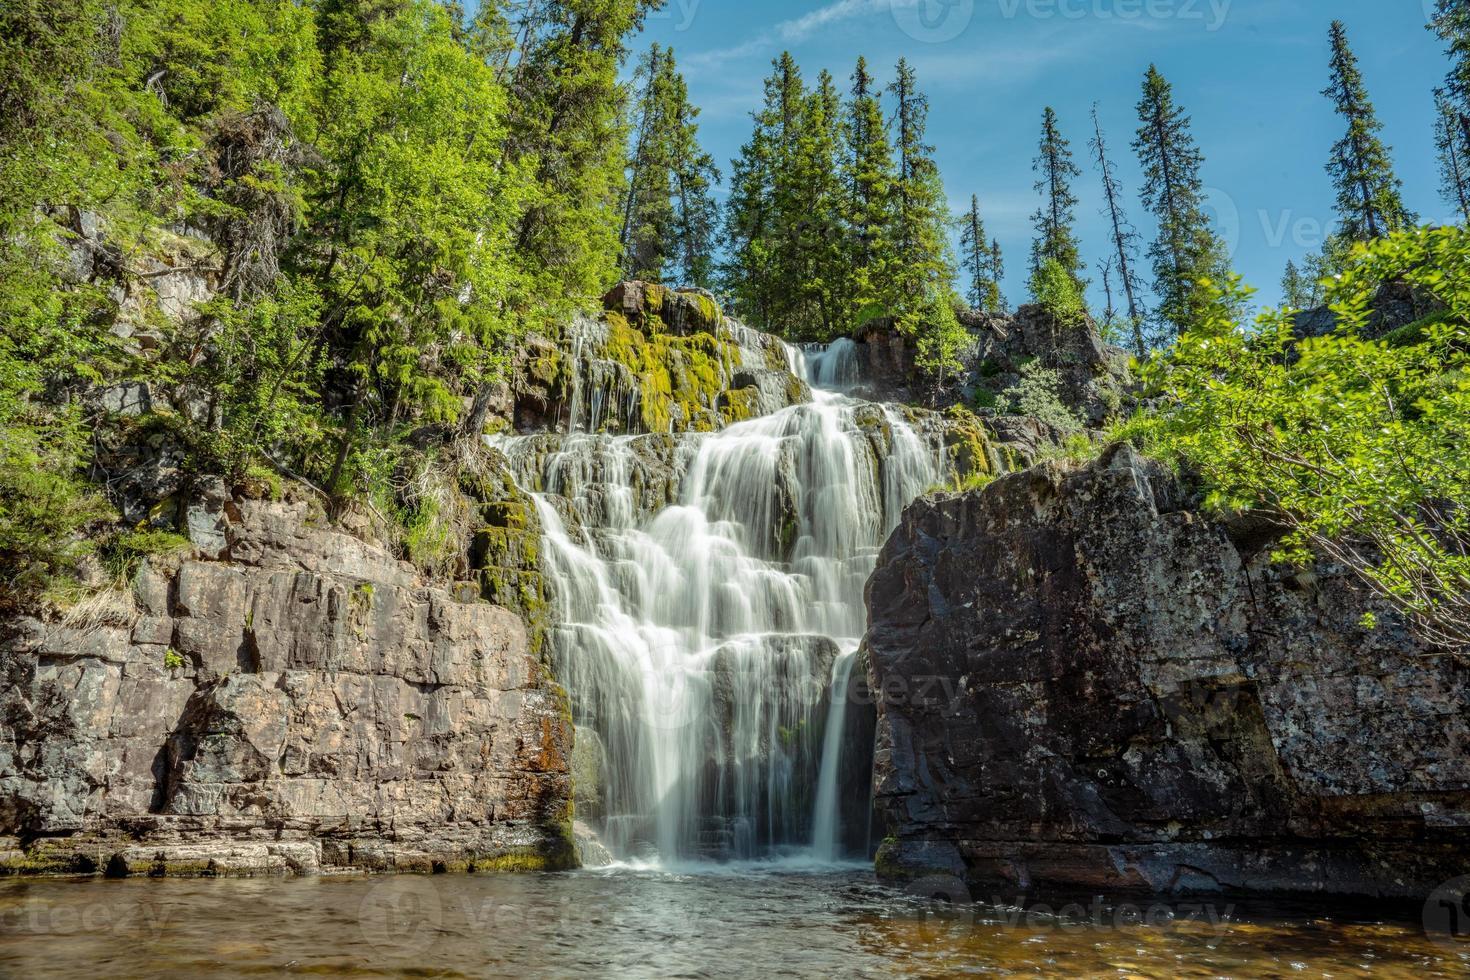 schöner Wasserfall in Nordschweden foto